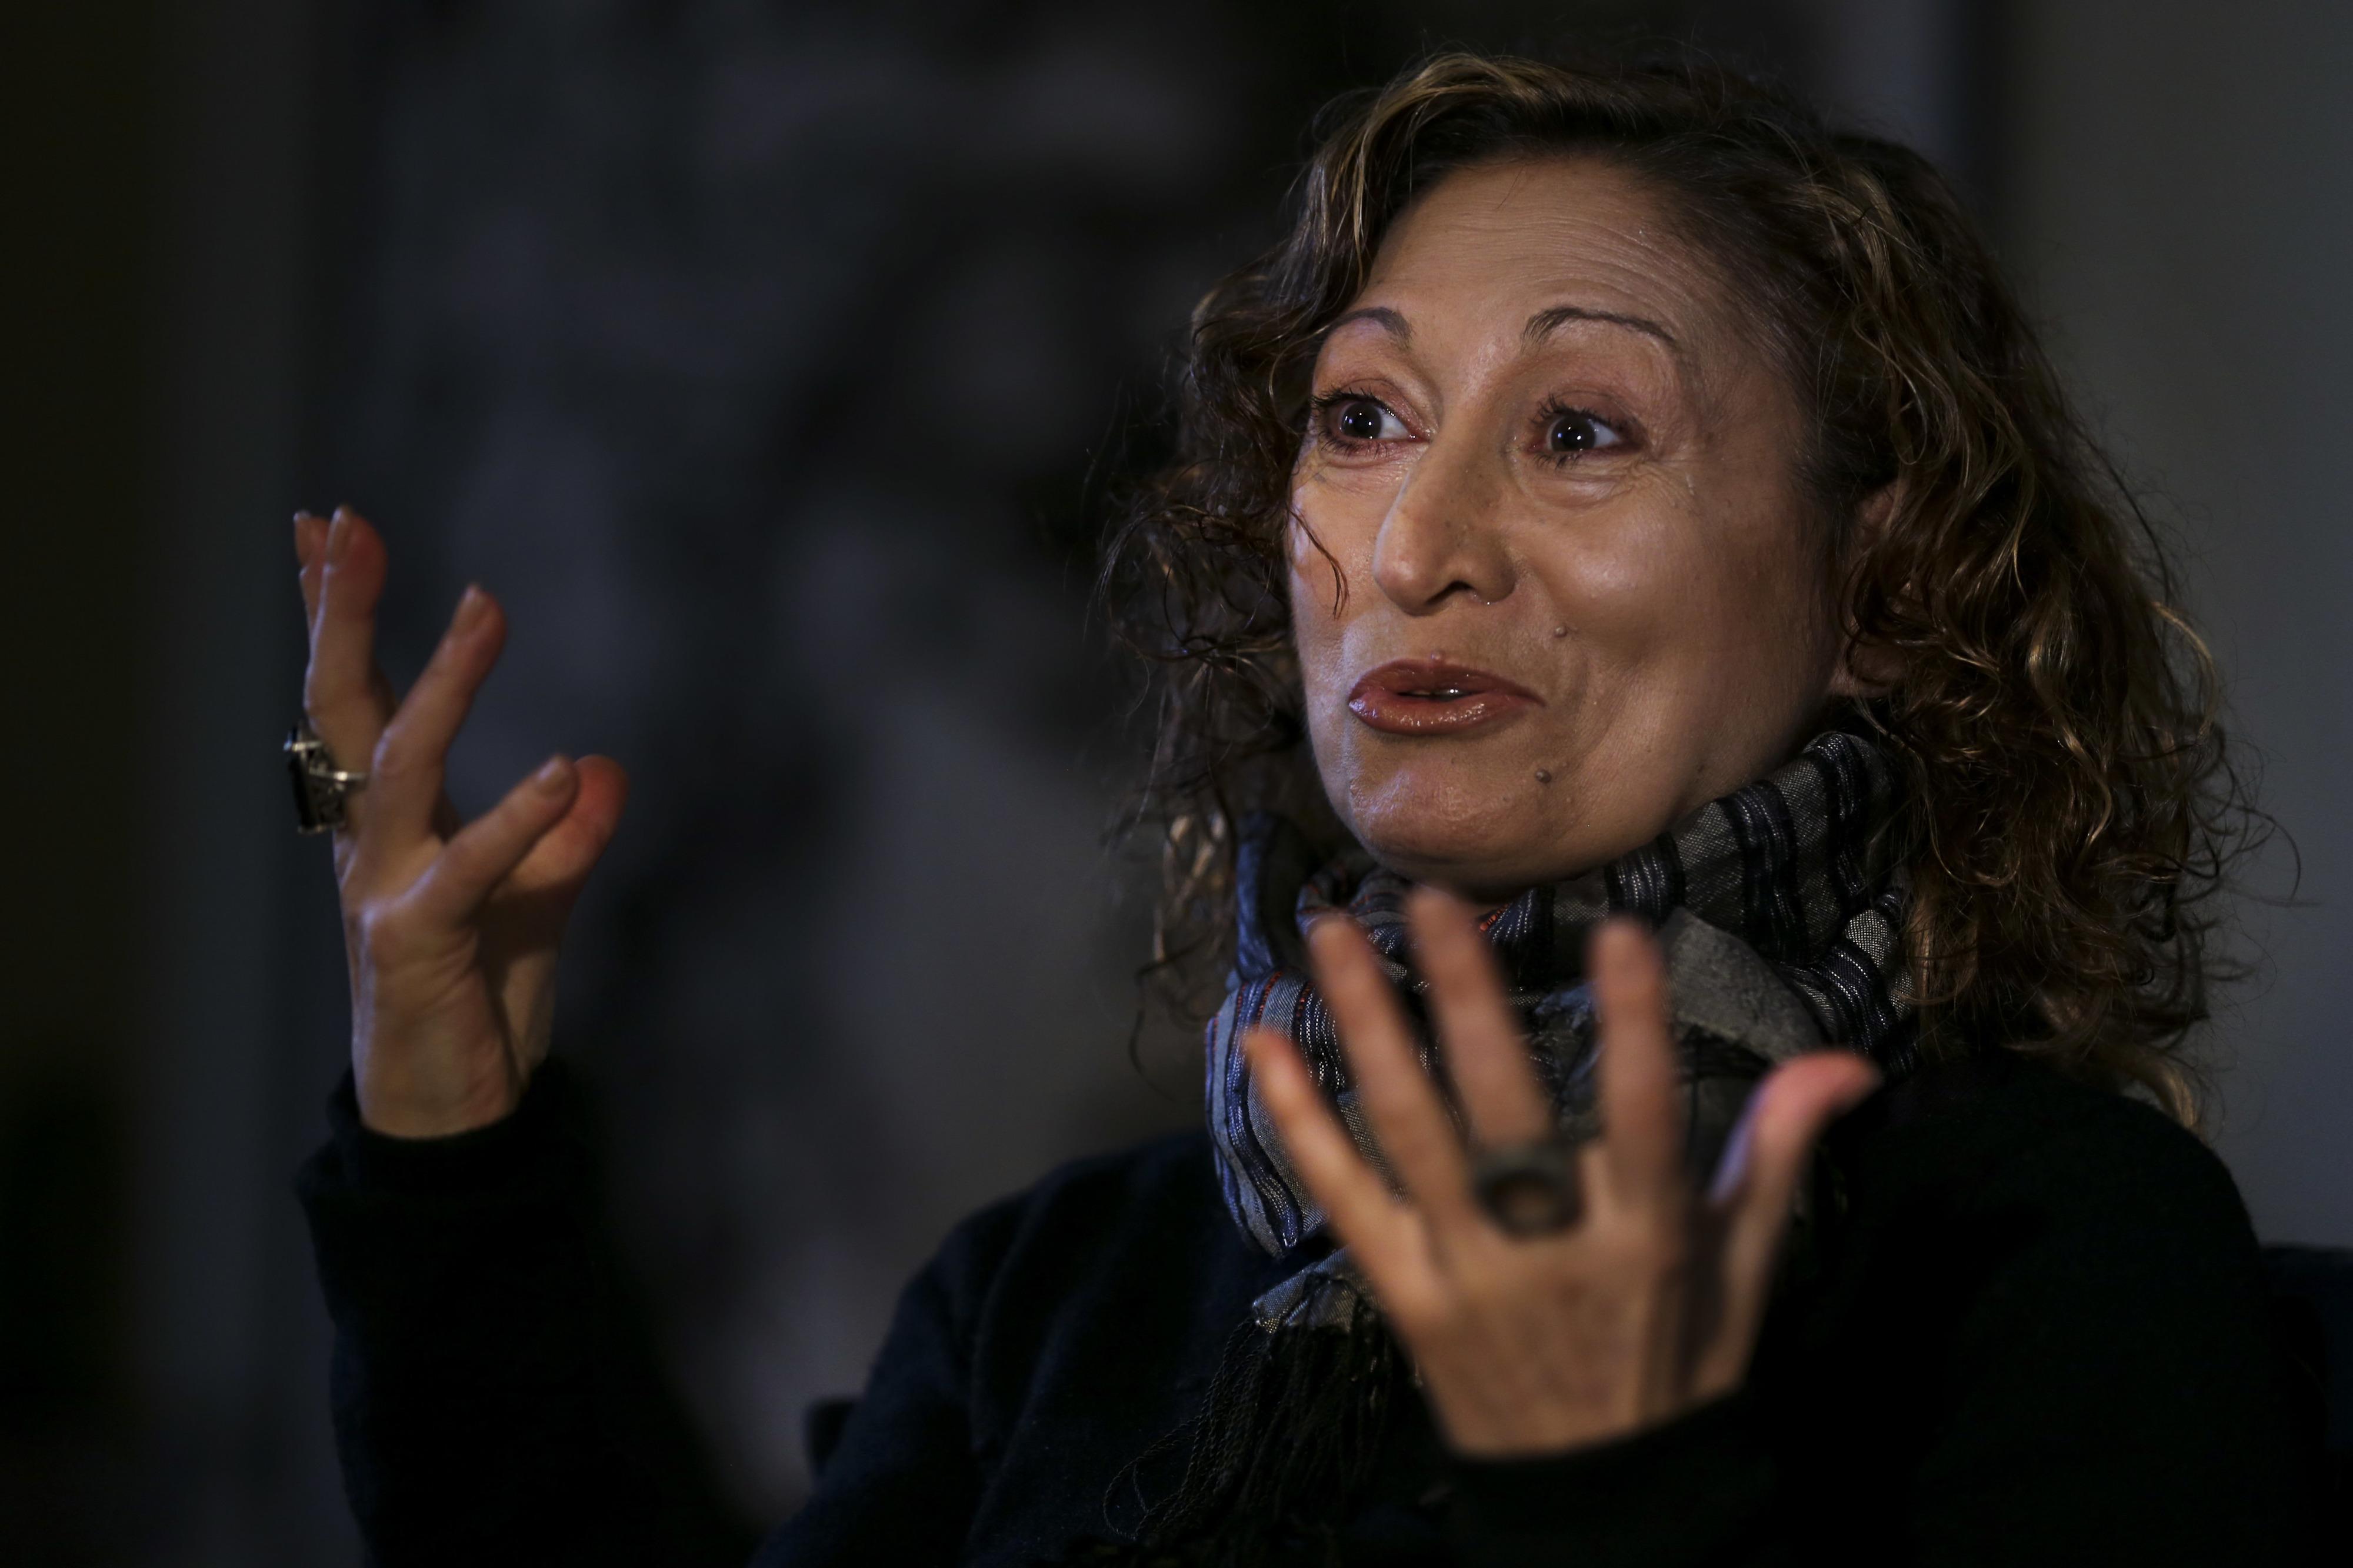 Nova coreografia de Olga Roriz mergulha na complexidade do ser humano